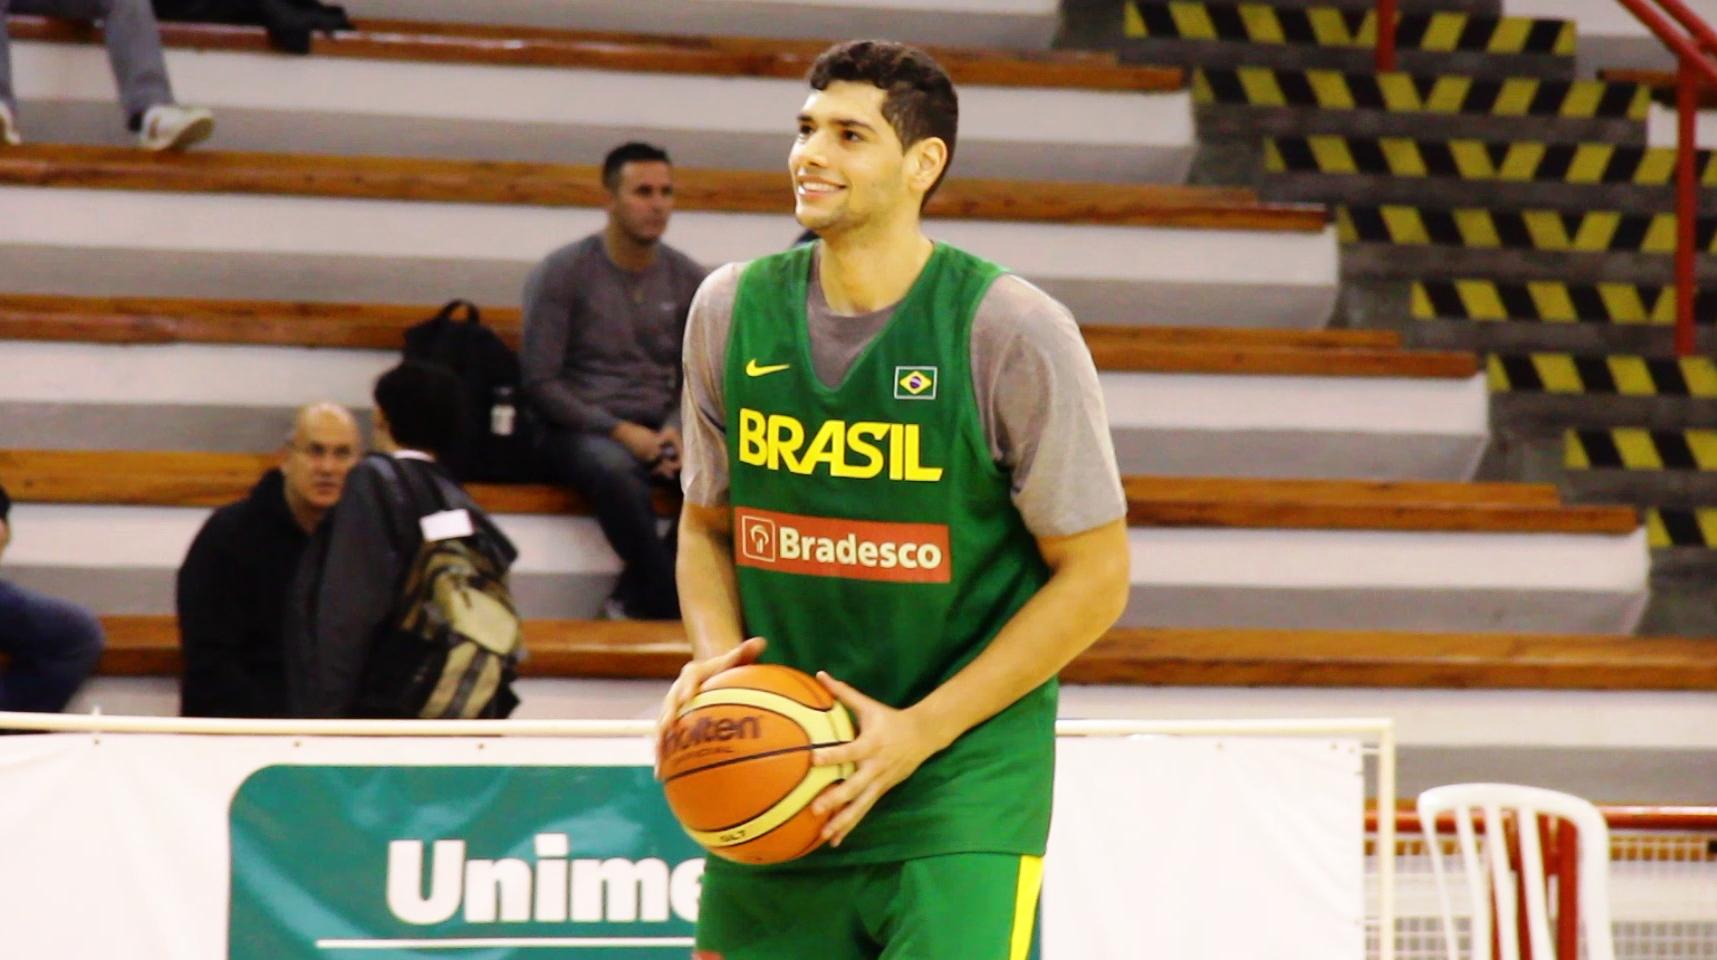 Léo terá a chance de disputar sua 2ª competição oficial pela Seleção Adulta (Divulgação)